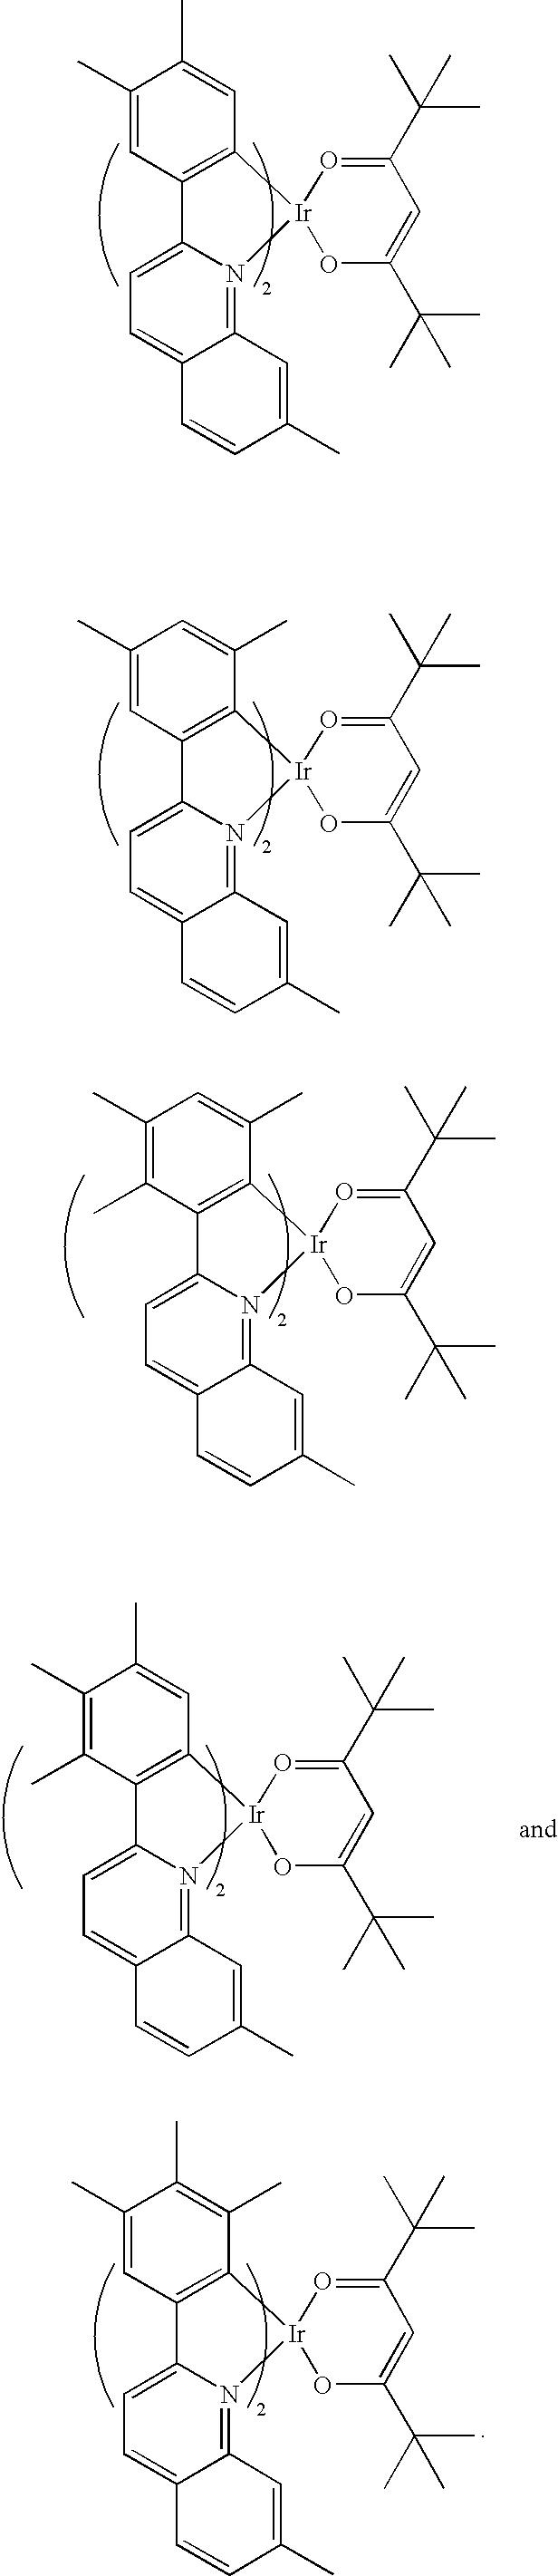 Figure US20060202194A1-20060914-C00030